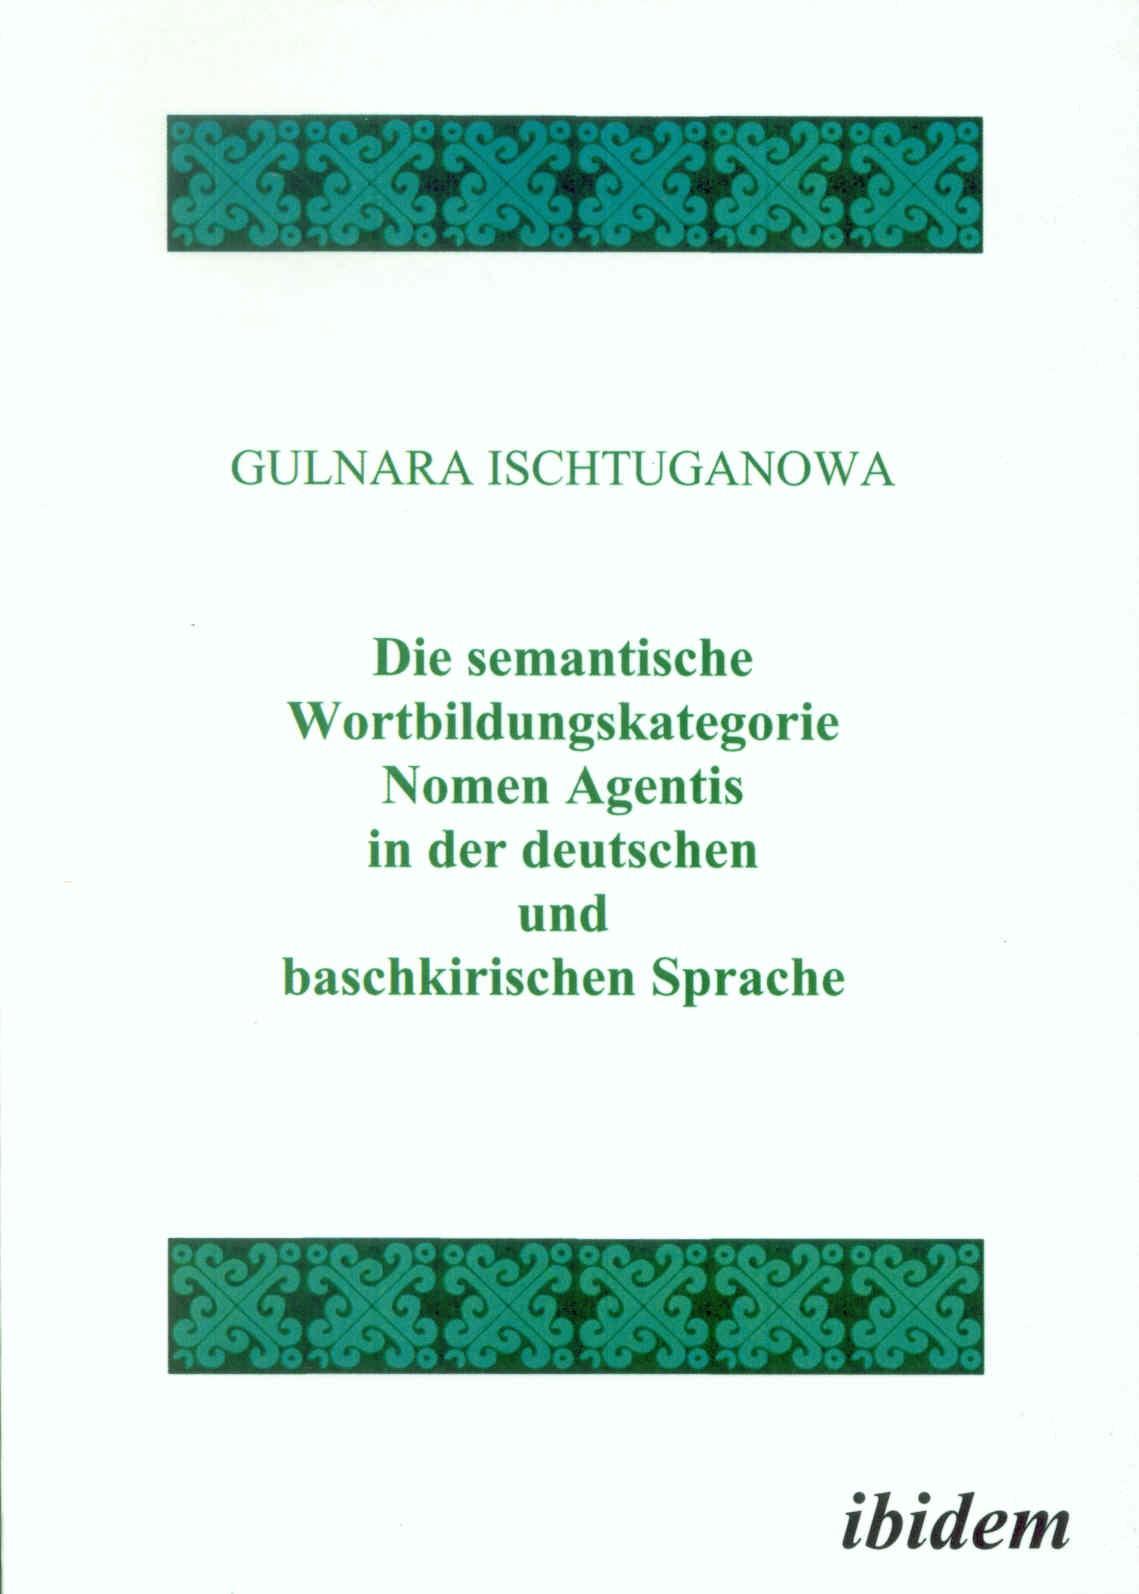 Die semantische Wortbildungskategorie Nomen Agentis in der deutschen und baschkirischen Sprache